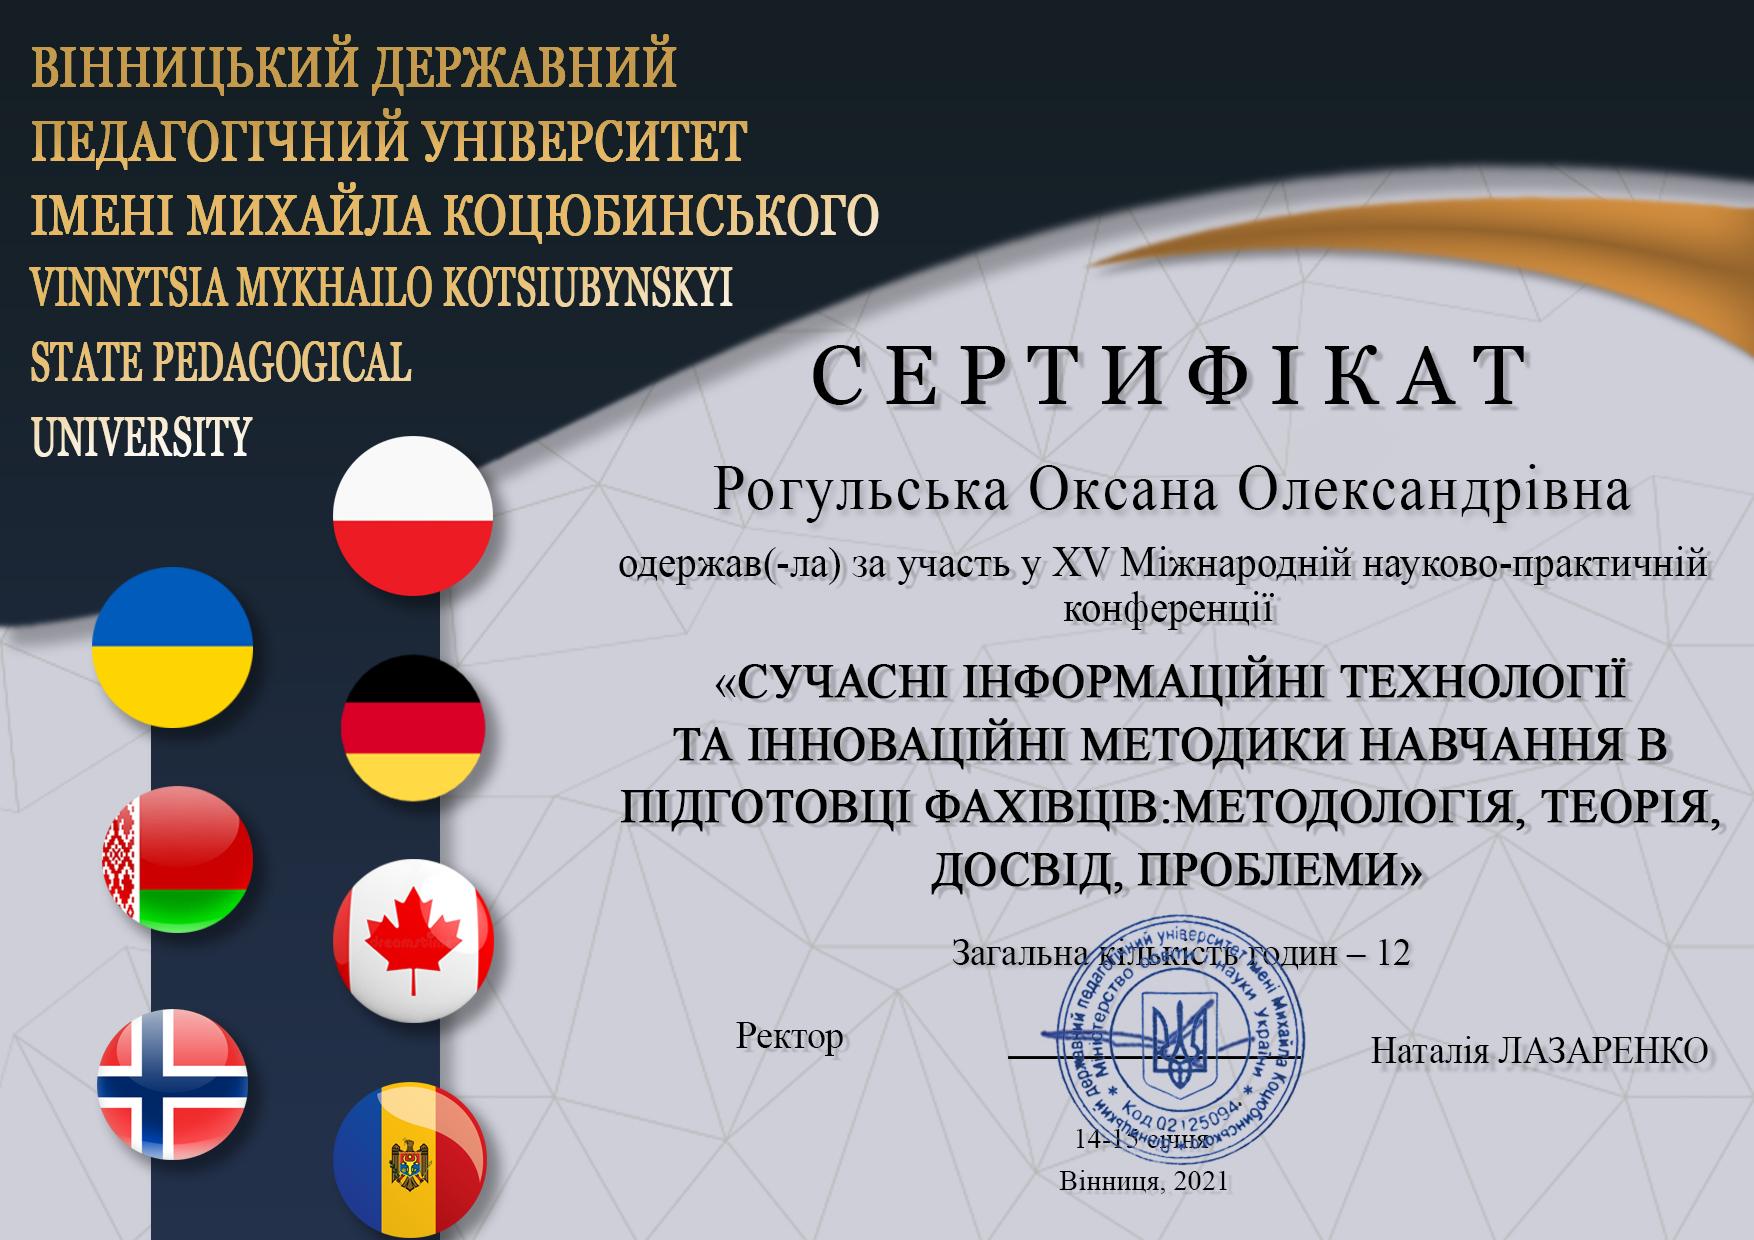 Рогульська Оксана Олександрівна